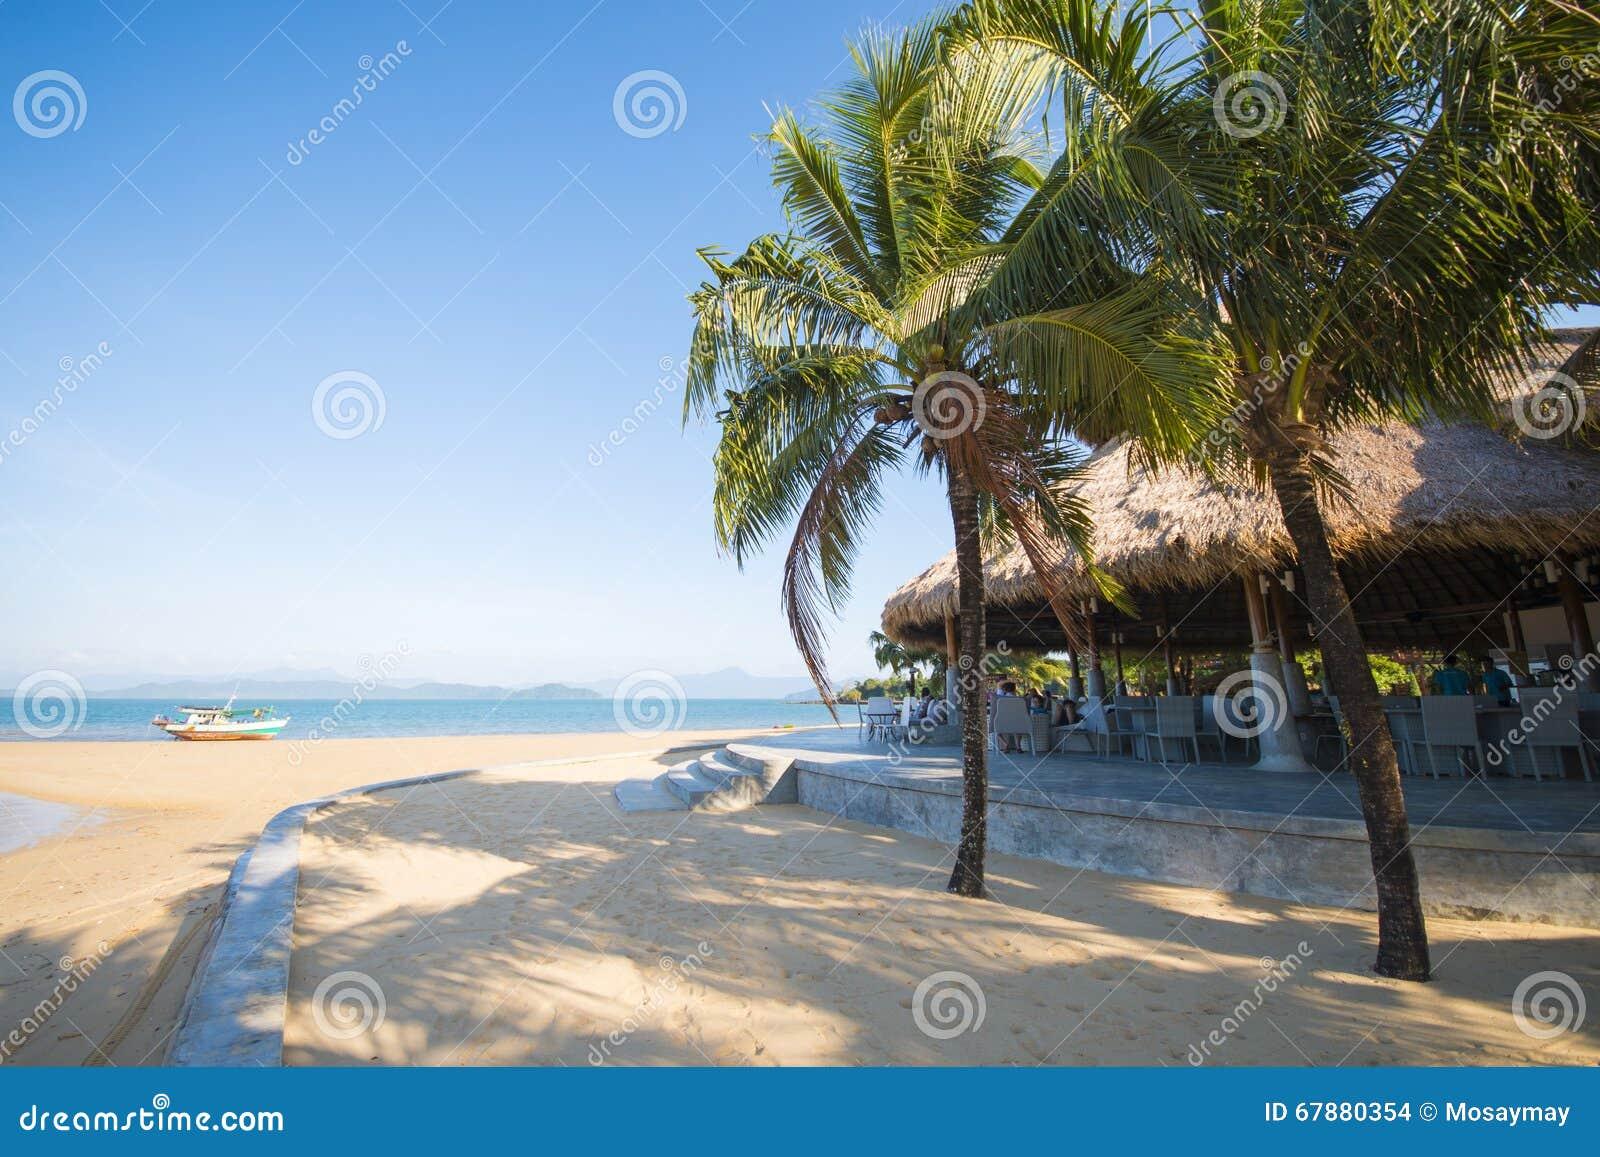 Курорт на красивом острове и мирный